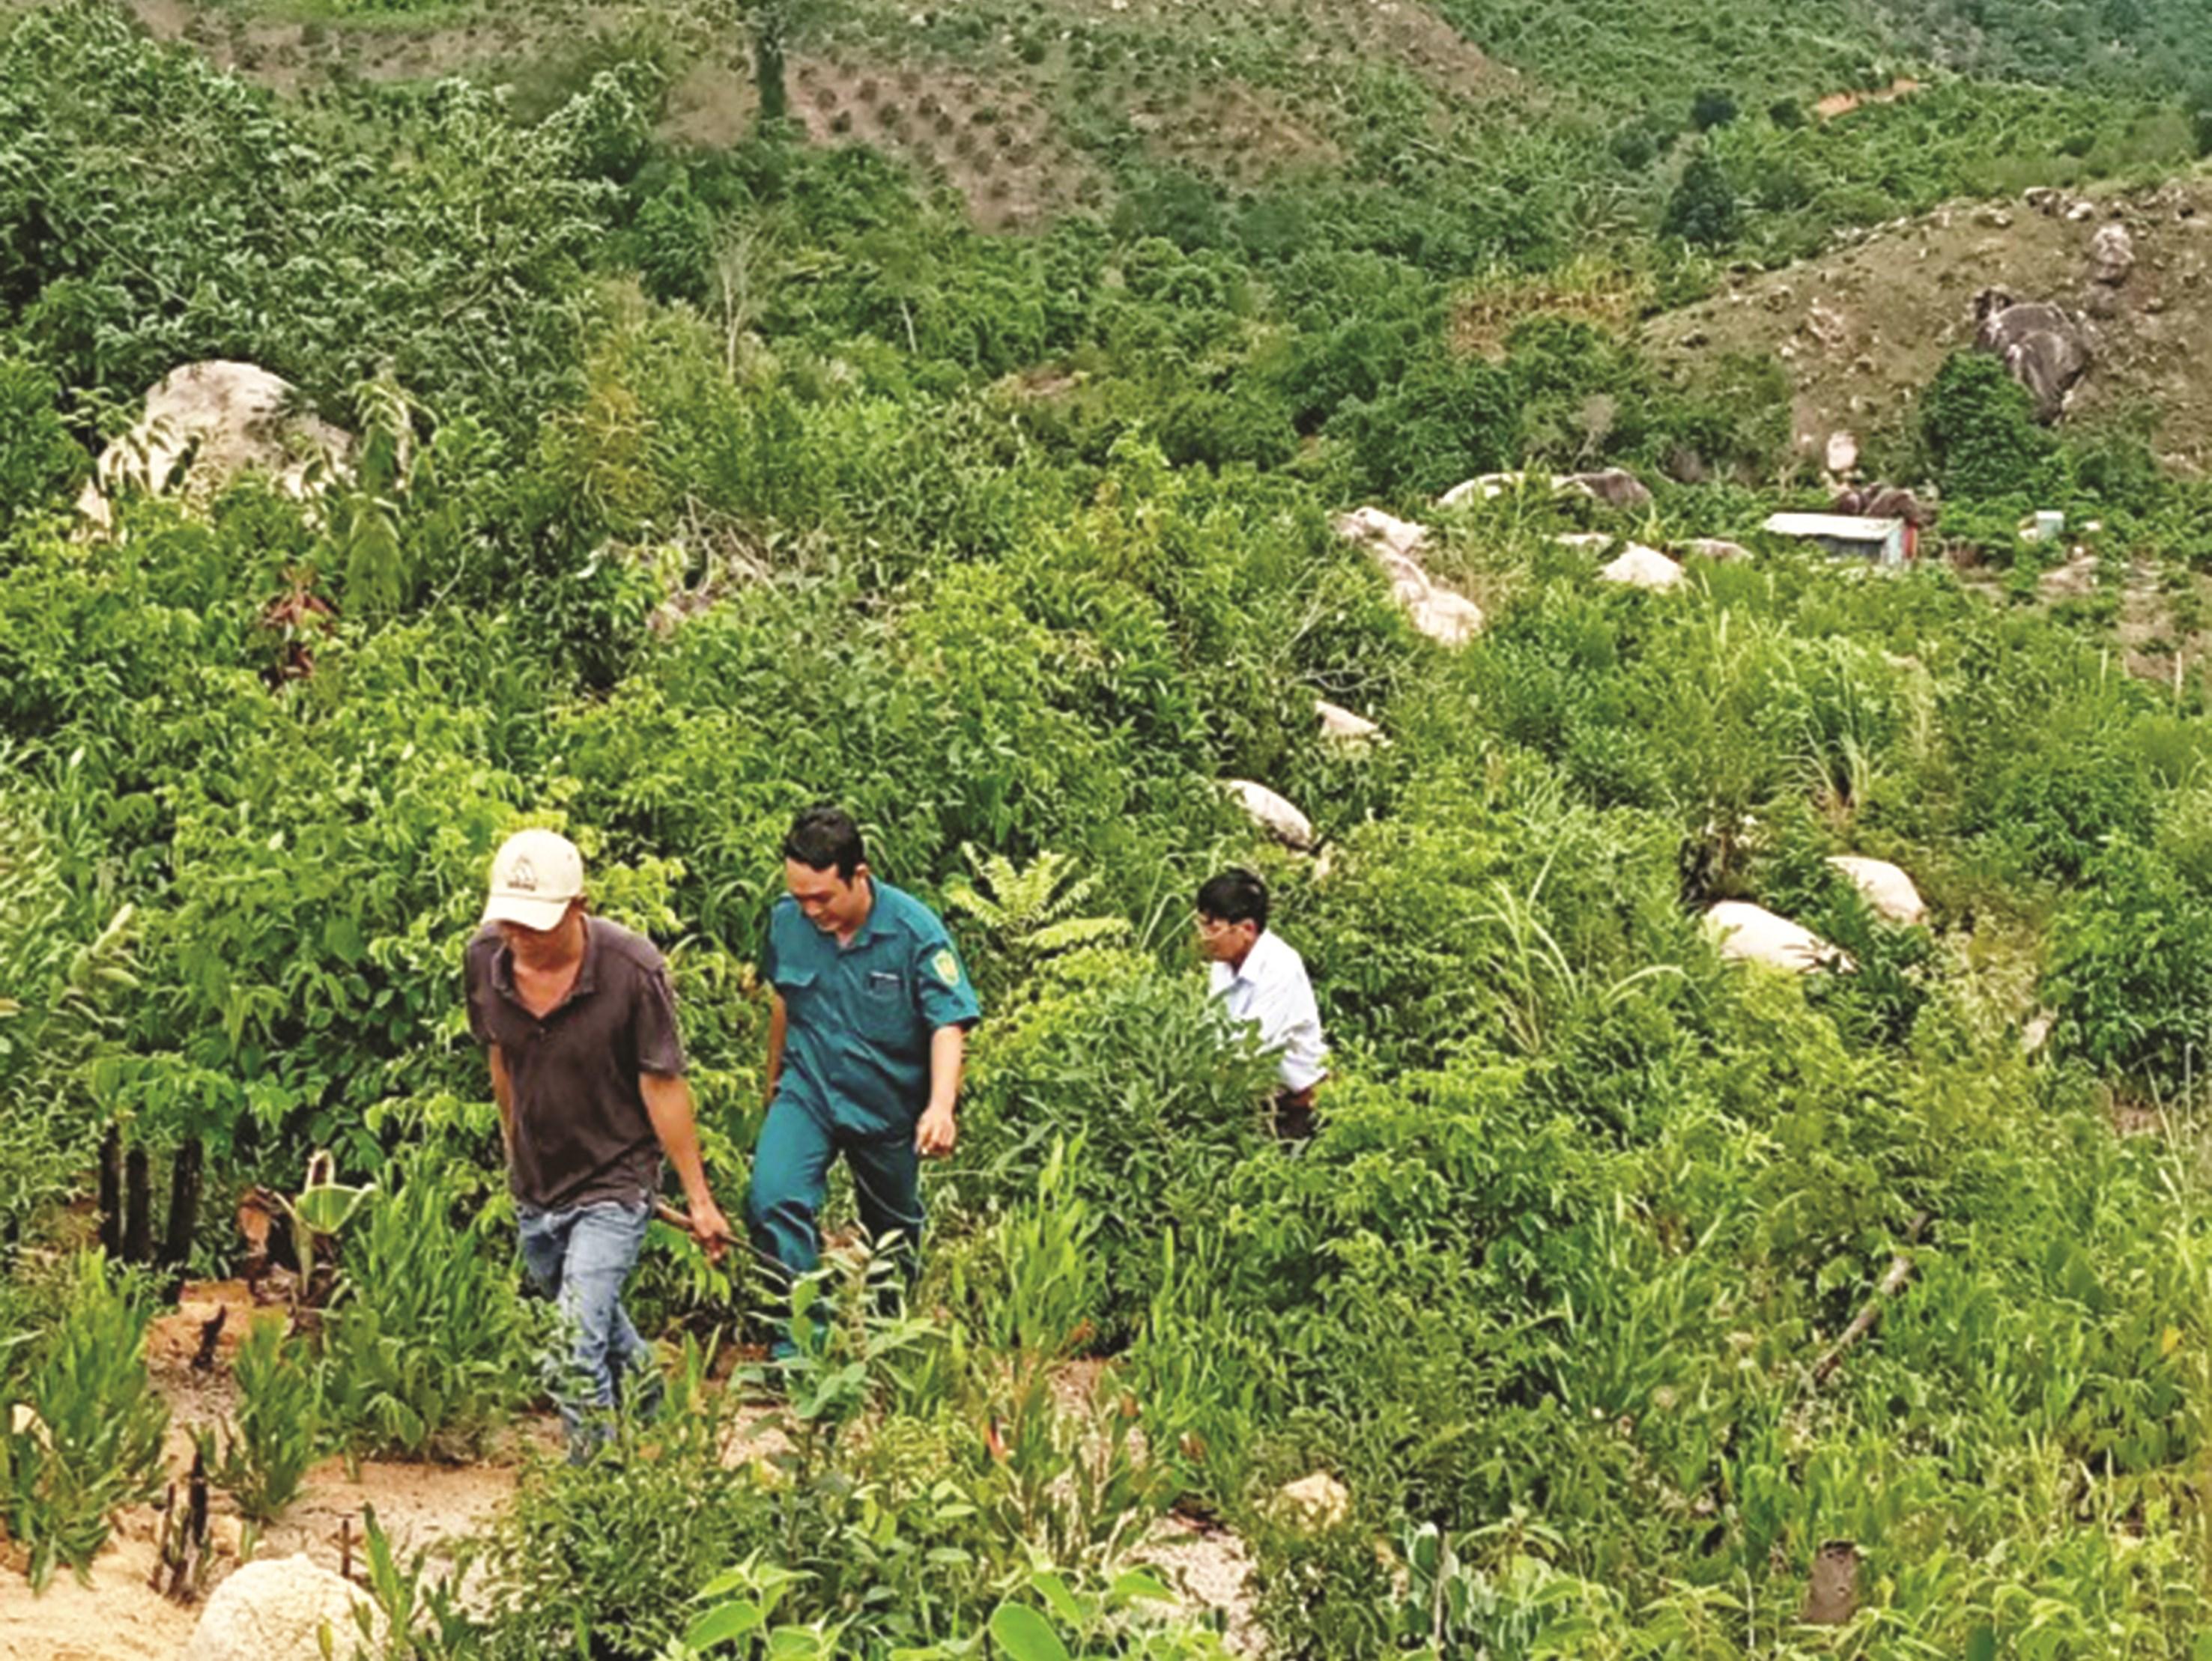 Nhiều khu rừng ở Cam Lâm, Khánh Hòa đã bị chặt phá, trồng cây hoa màu khác